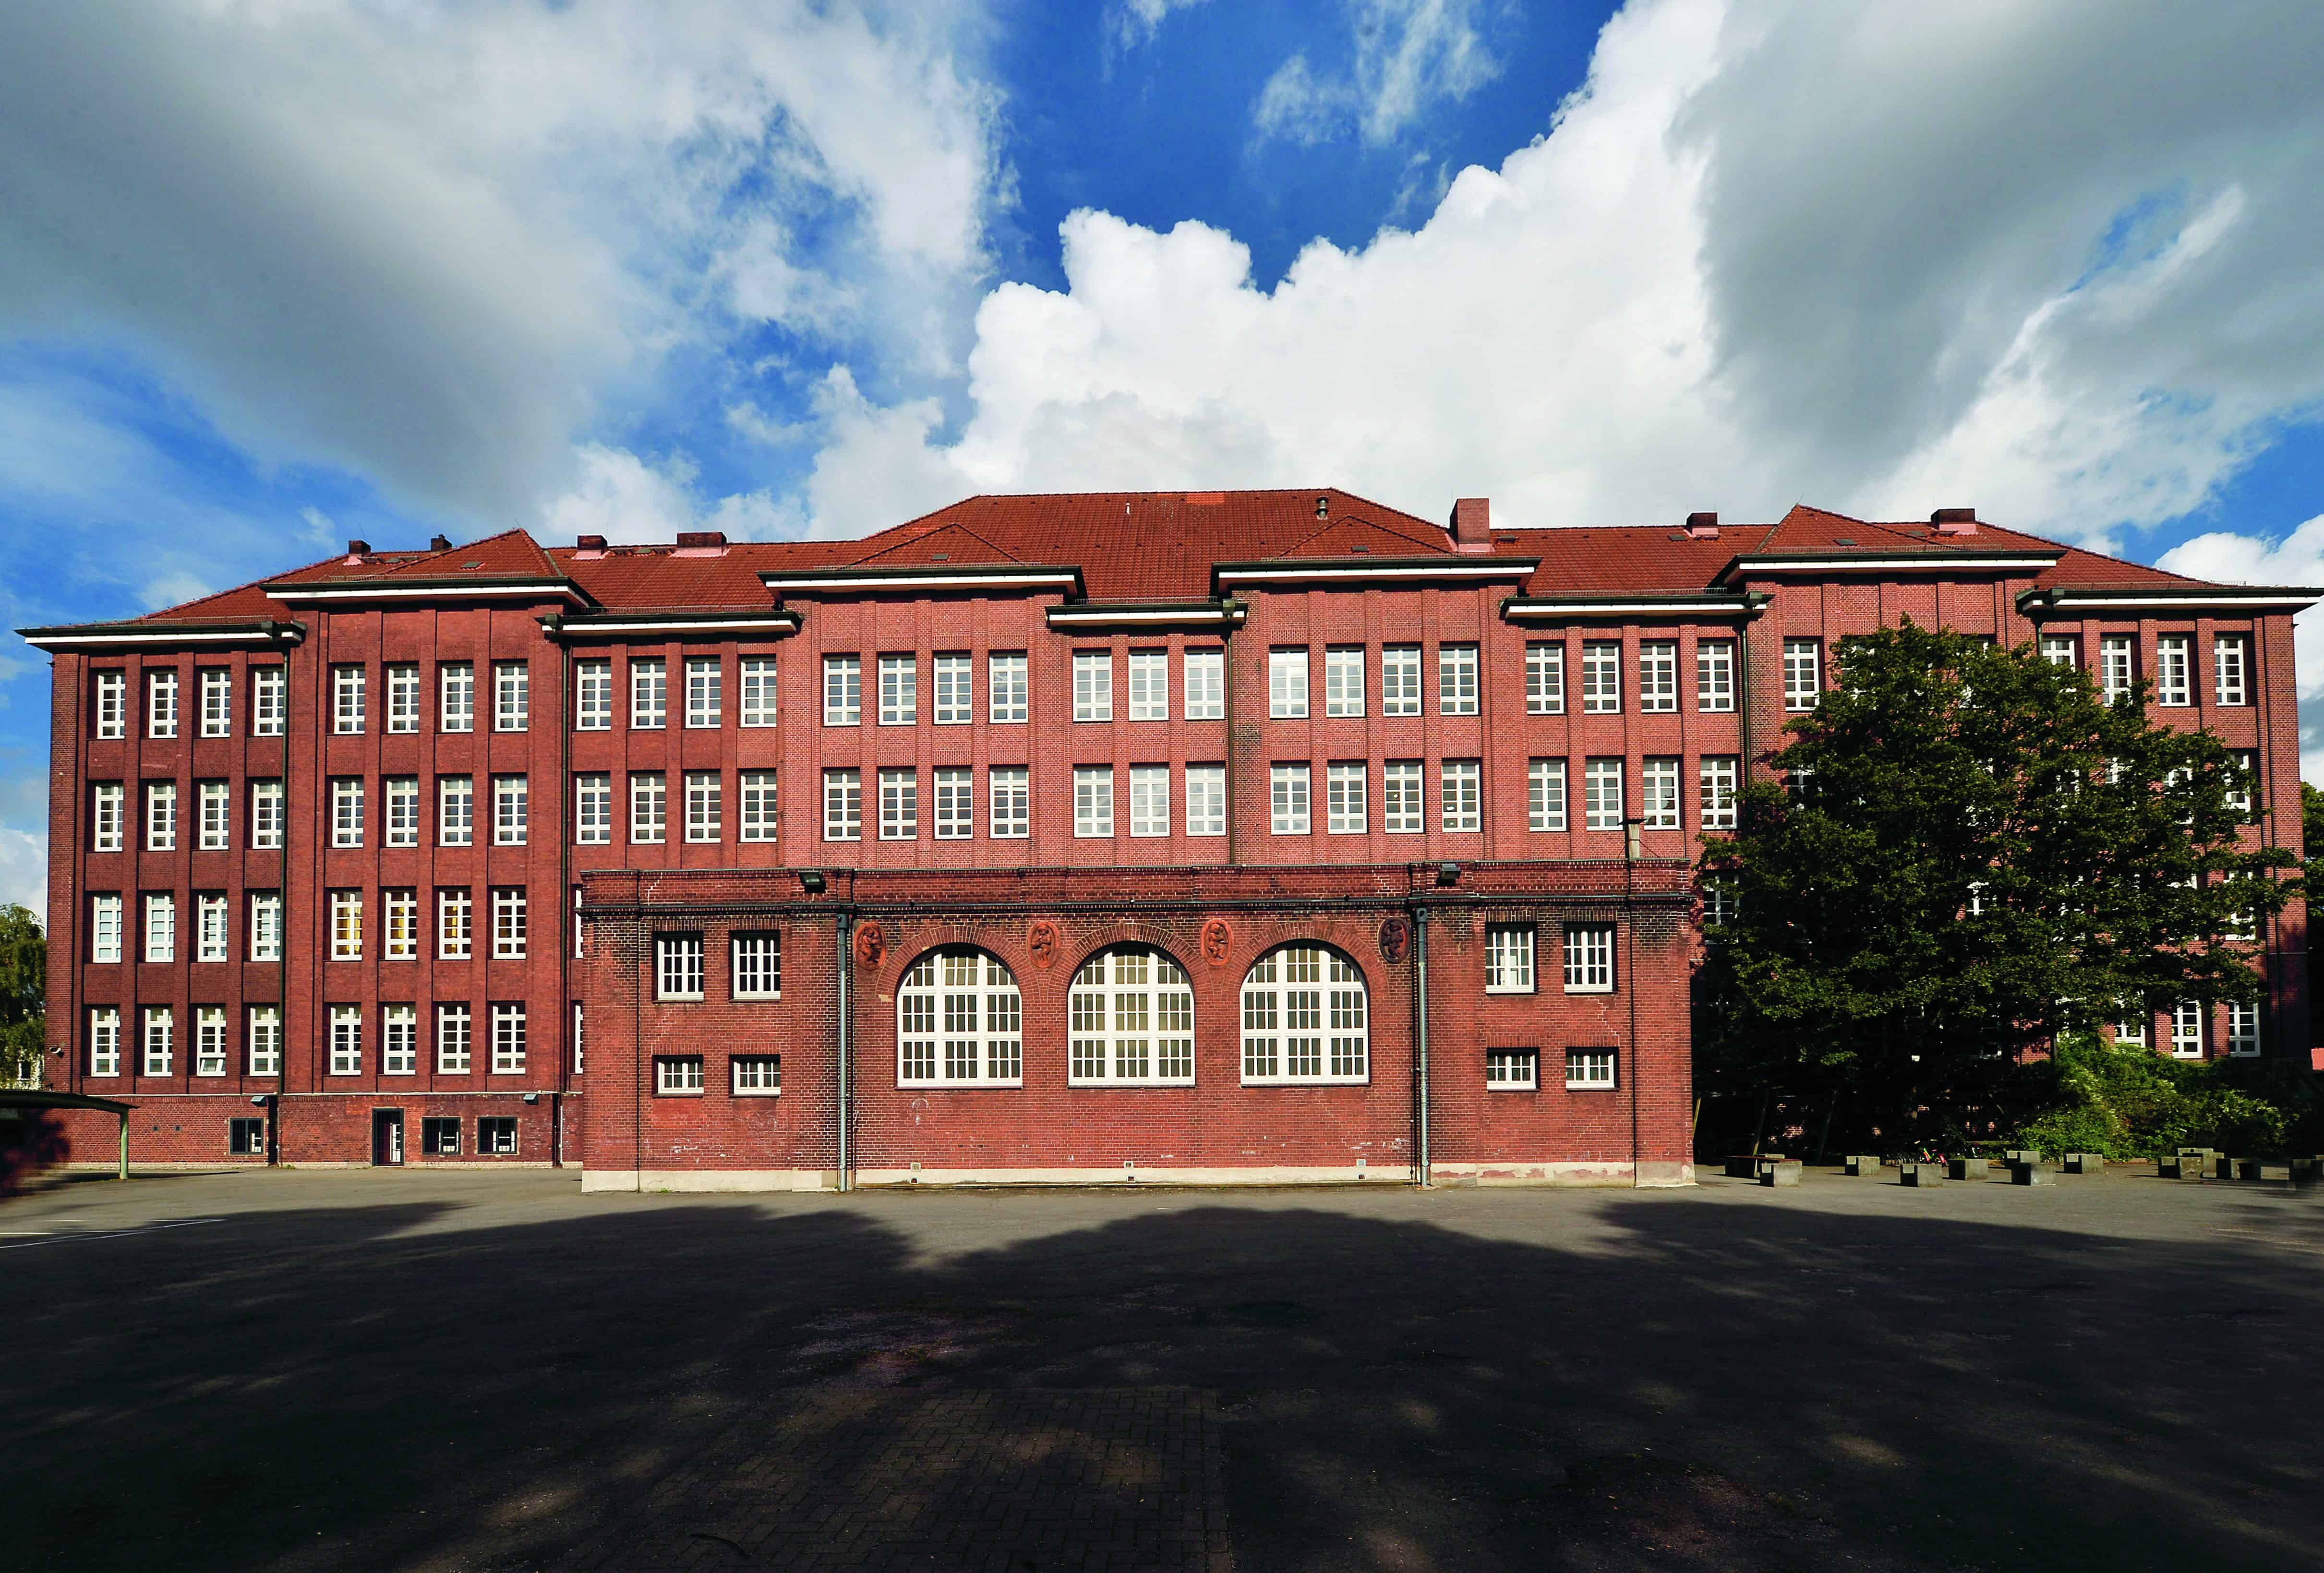 Schulgebäude in Hamburg, Bullenhuser Damm